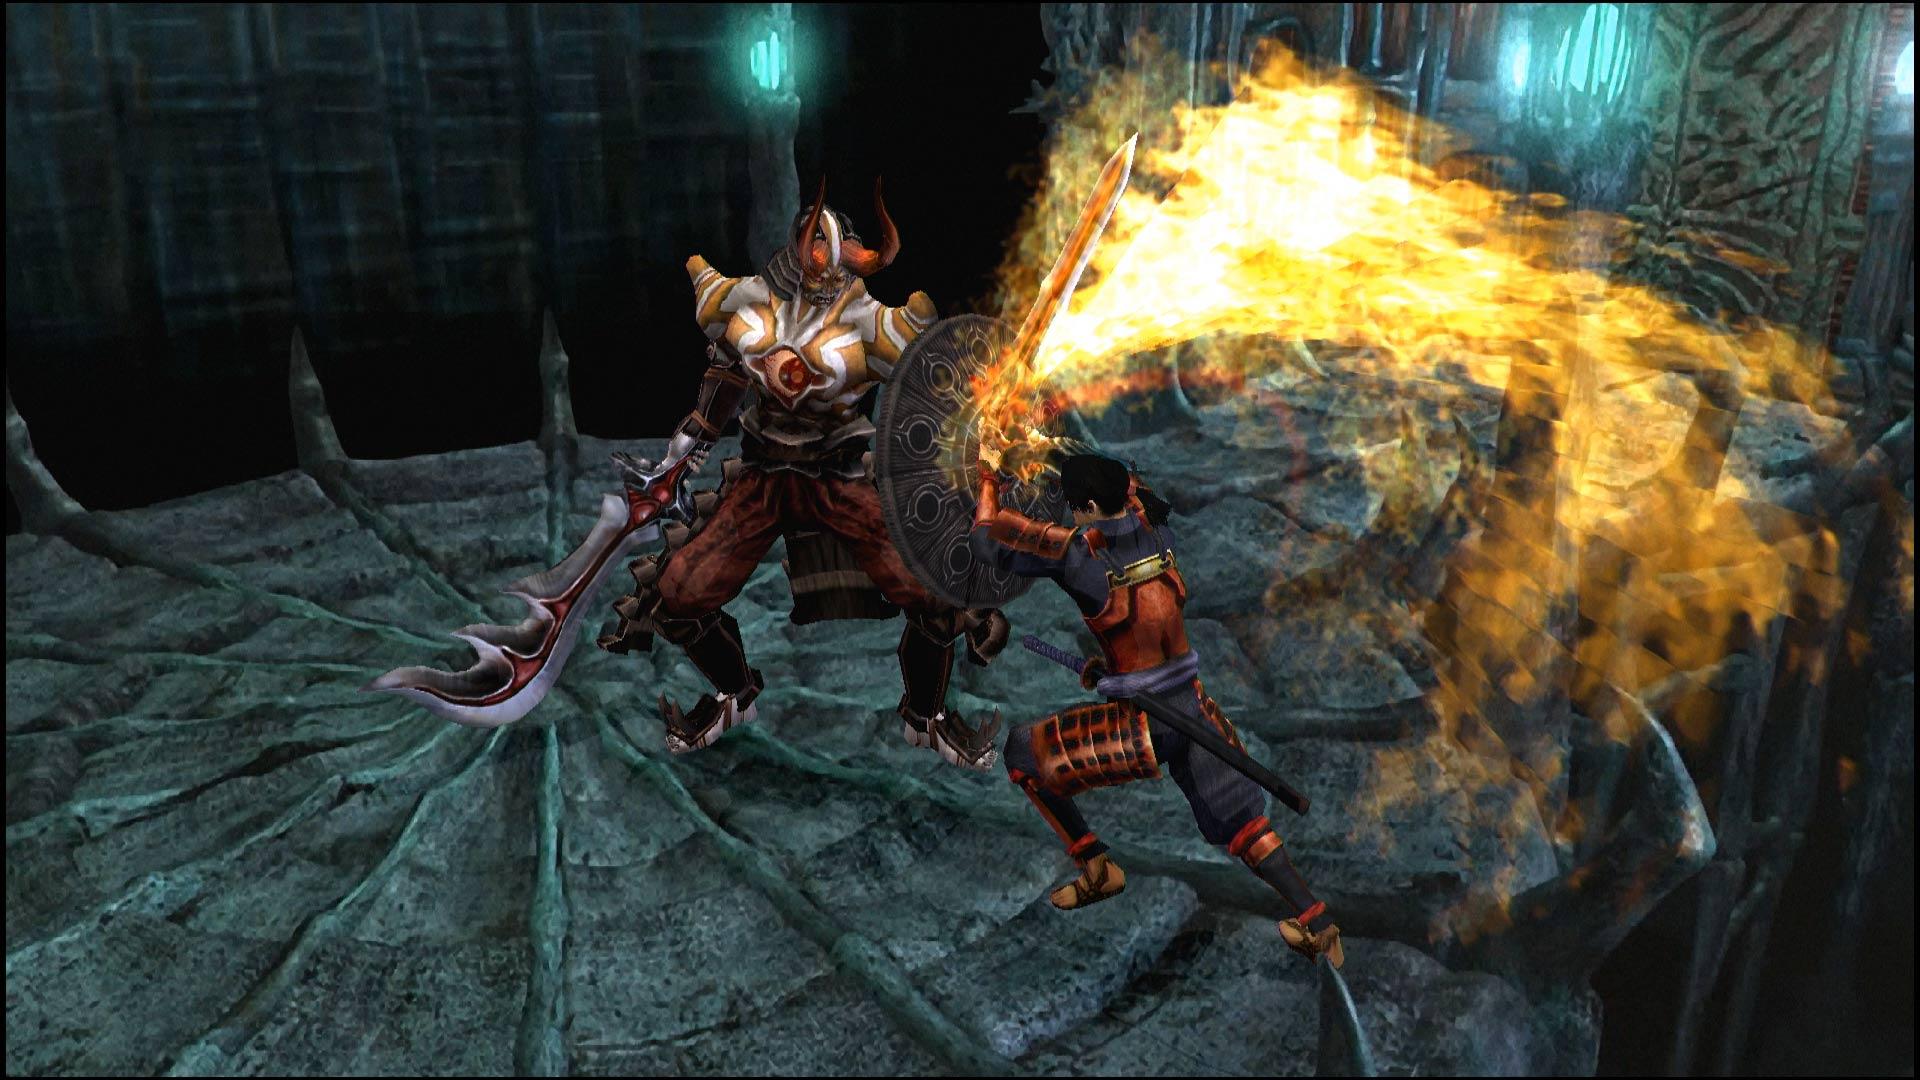 《鬼武者HD复刻版》 PC配置需求 最低需要GTX 760